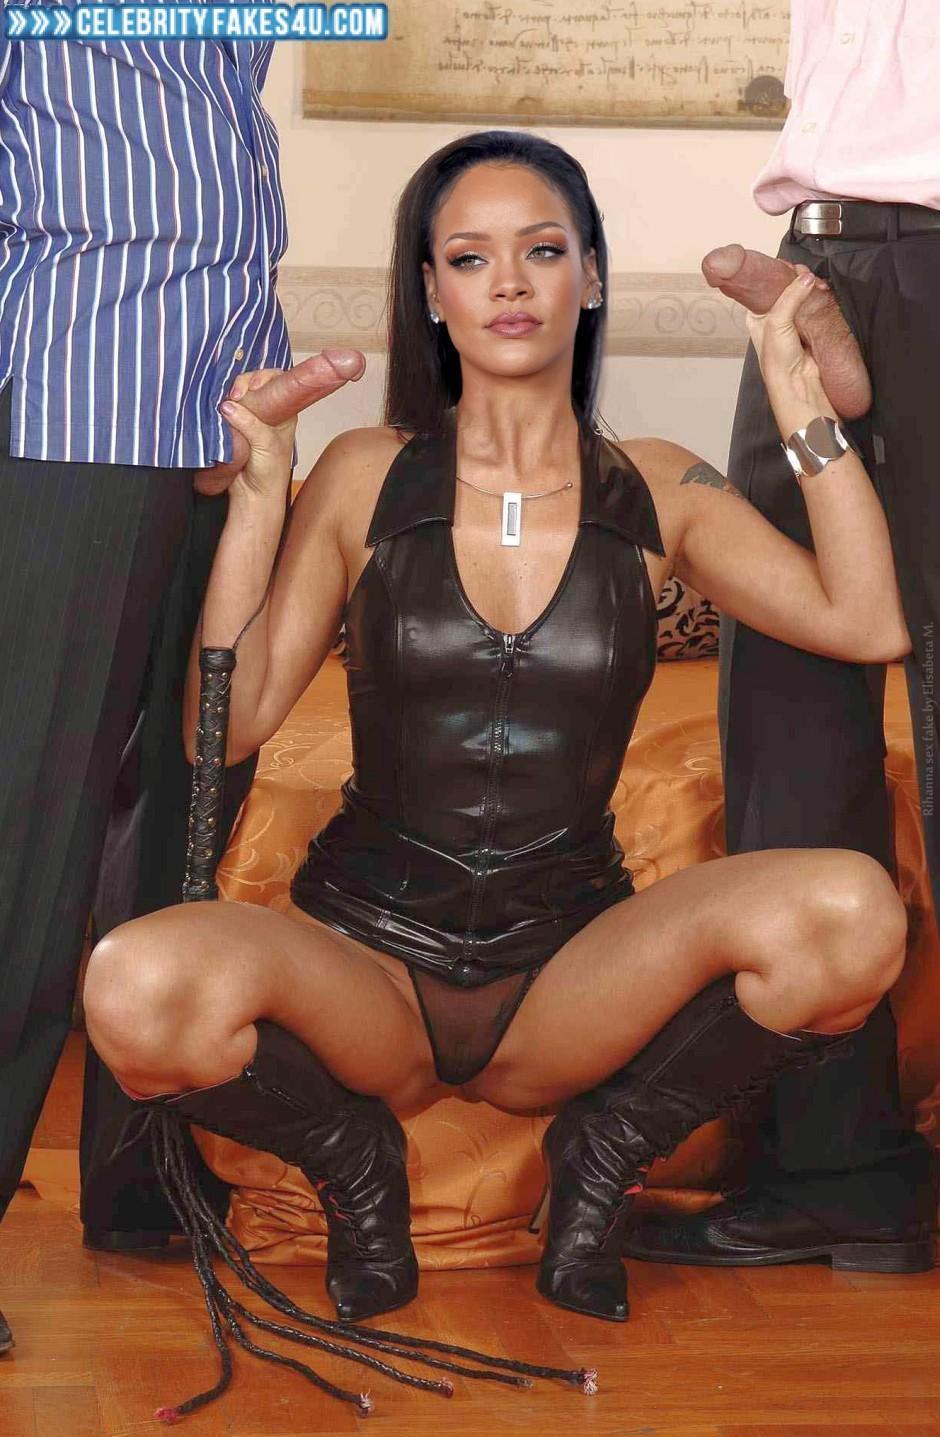 Rihanna fake porn